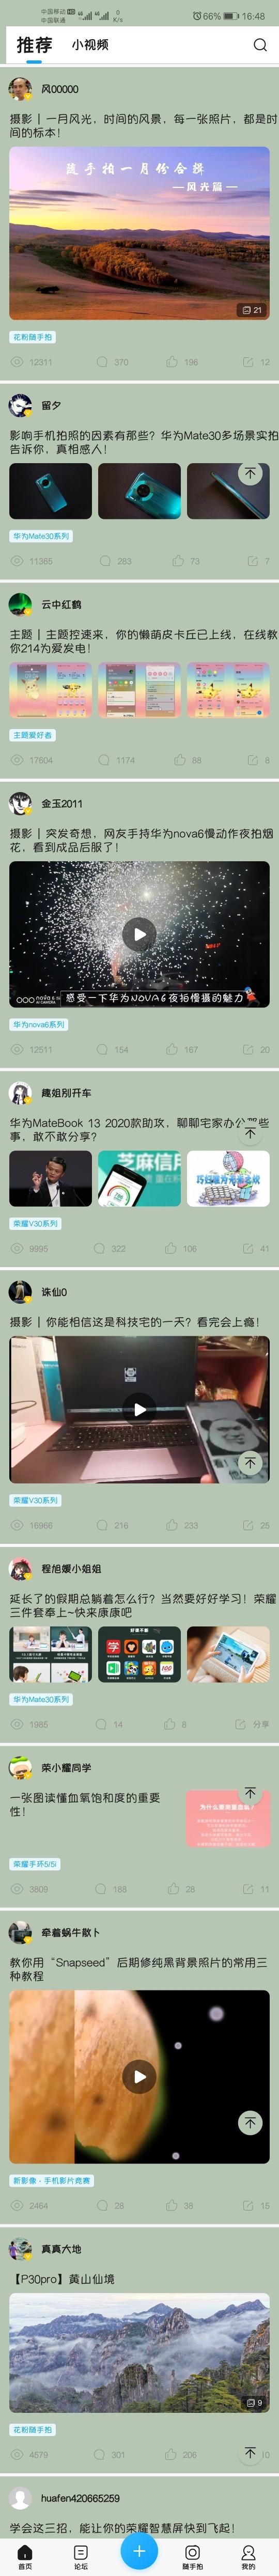 Screenshot_20200214_164849_com.huawei.fans.jpg